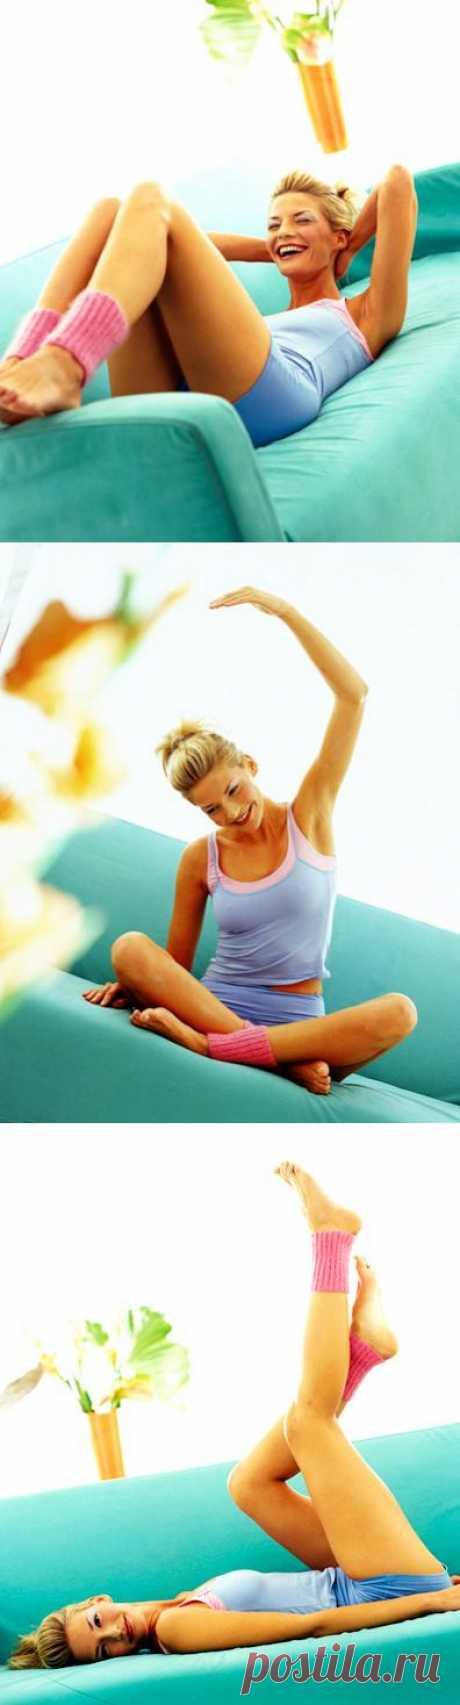 Фитнес на диване: упражнения для ленивых. Как эффективно использовать этот замечательный фитнес-тренажер для достижения поставленных задач